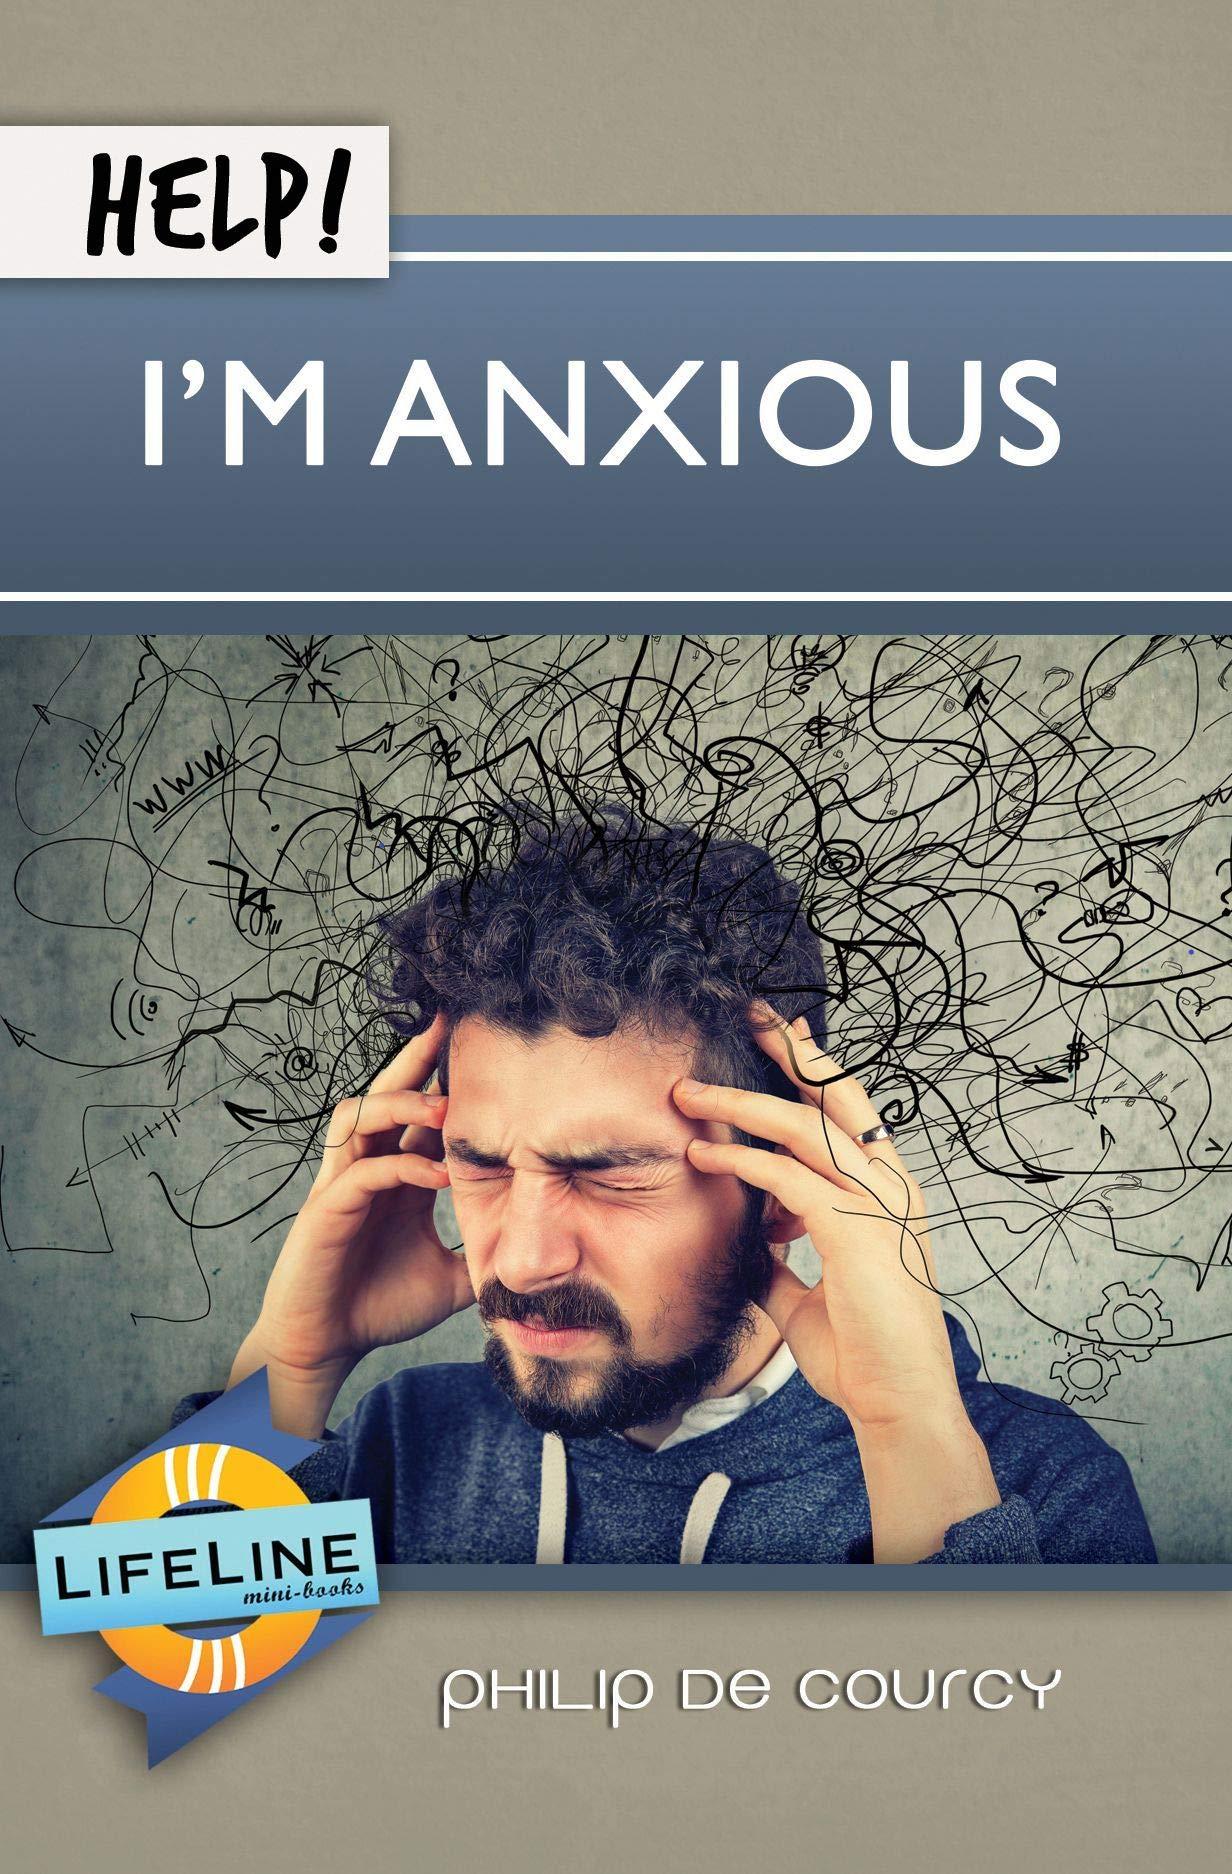 Help! I'm Anxious (Lifeline Mini-Books): Philip de Courcy